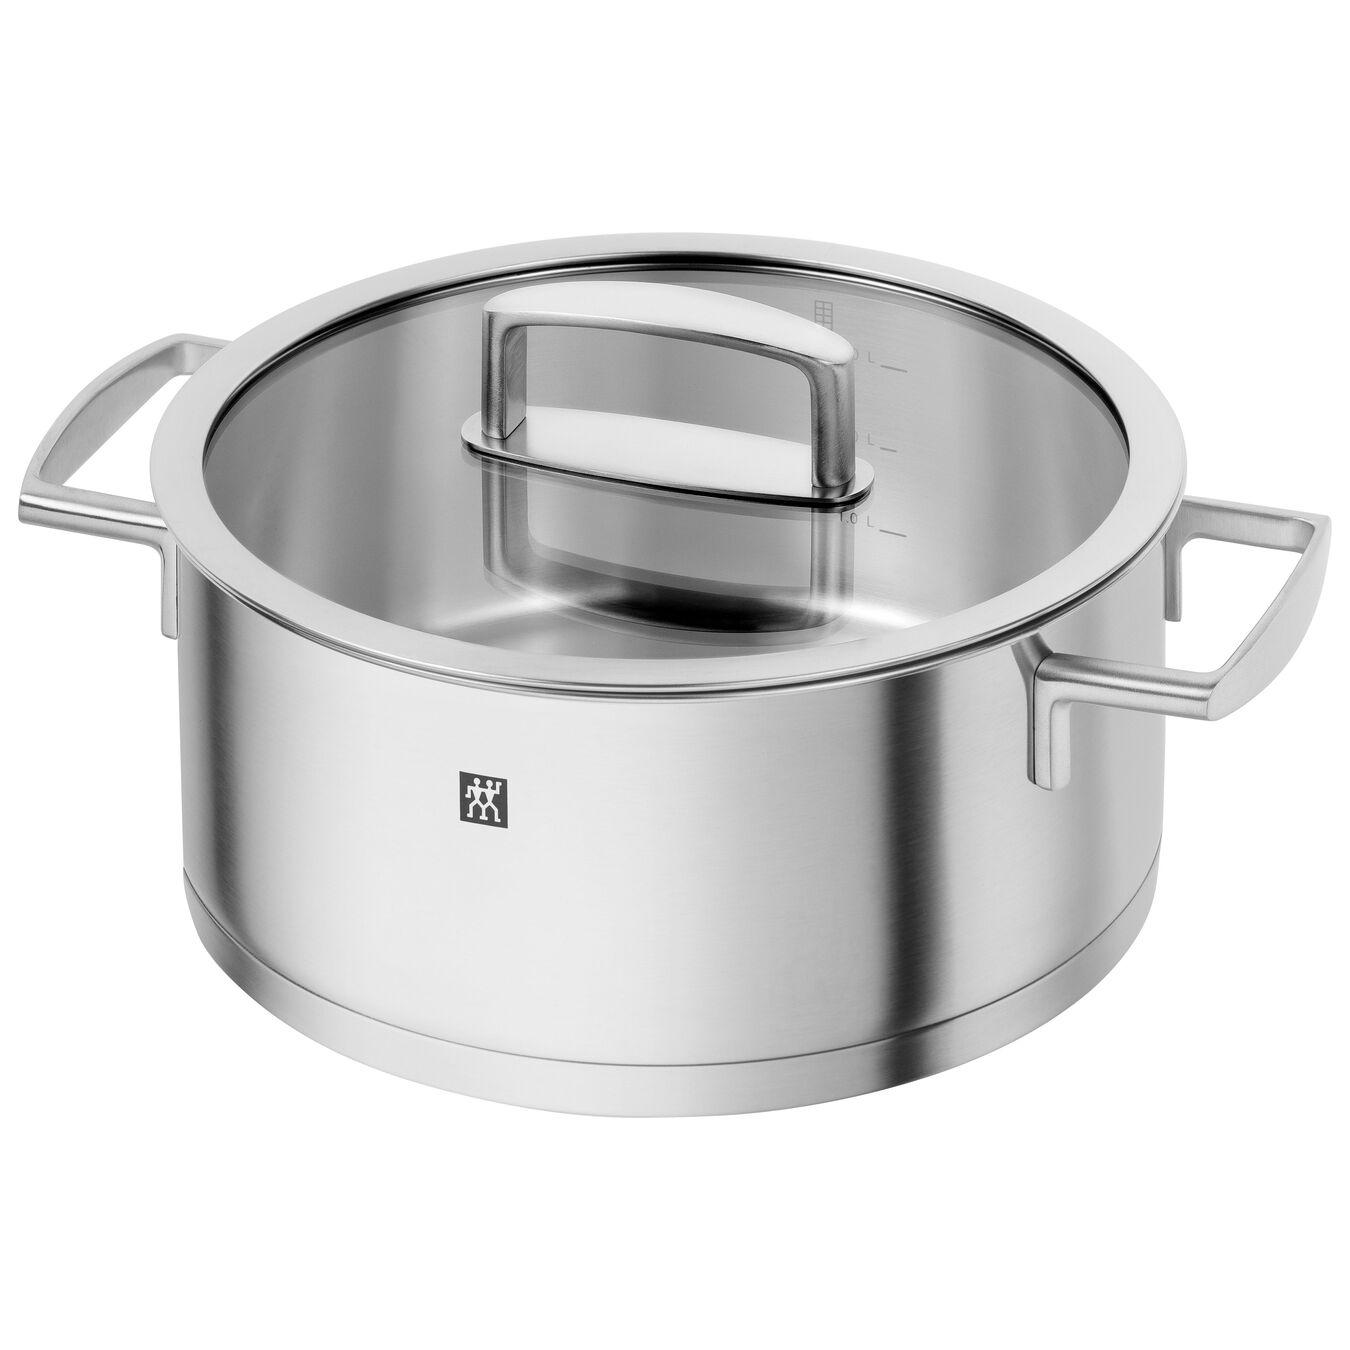 Ensemble de casseroles 4-pcs, Inox 18/10,,large 4